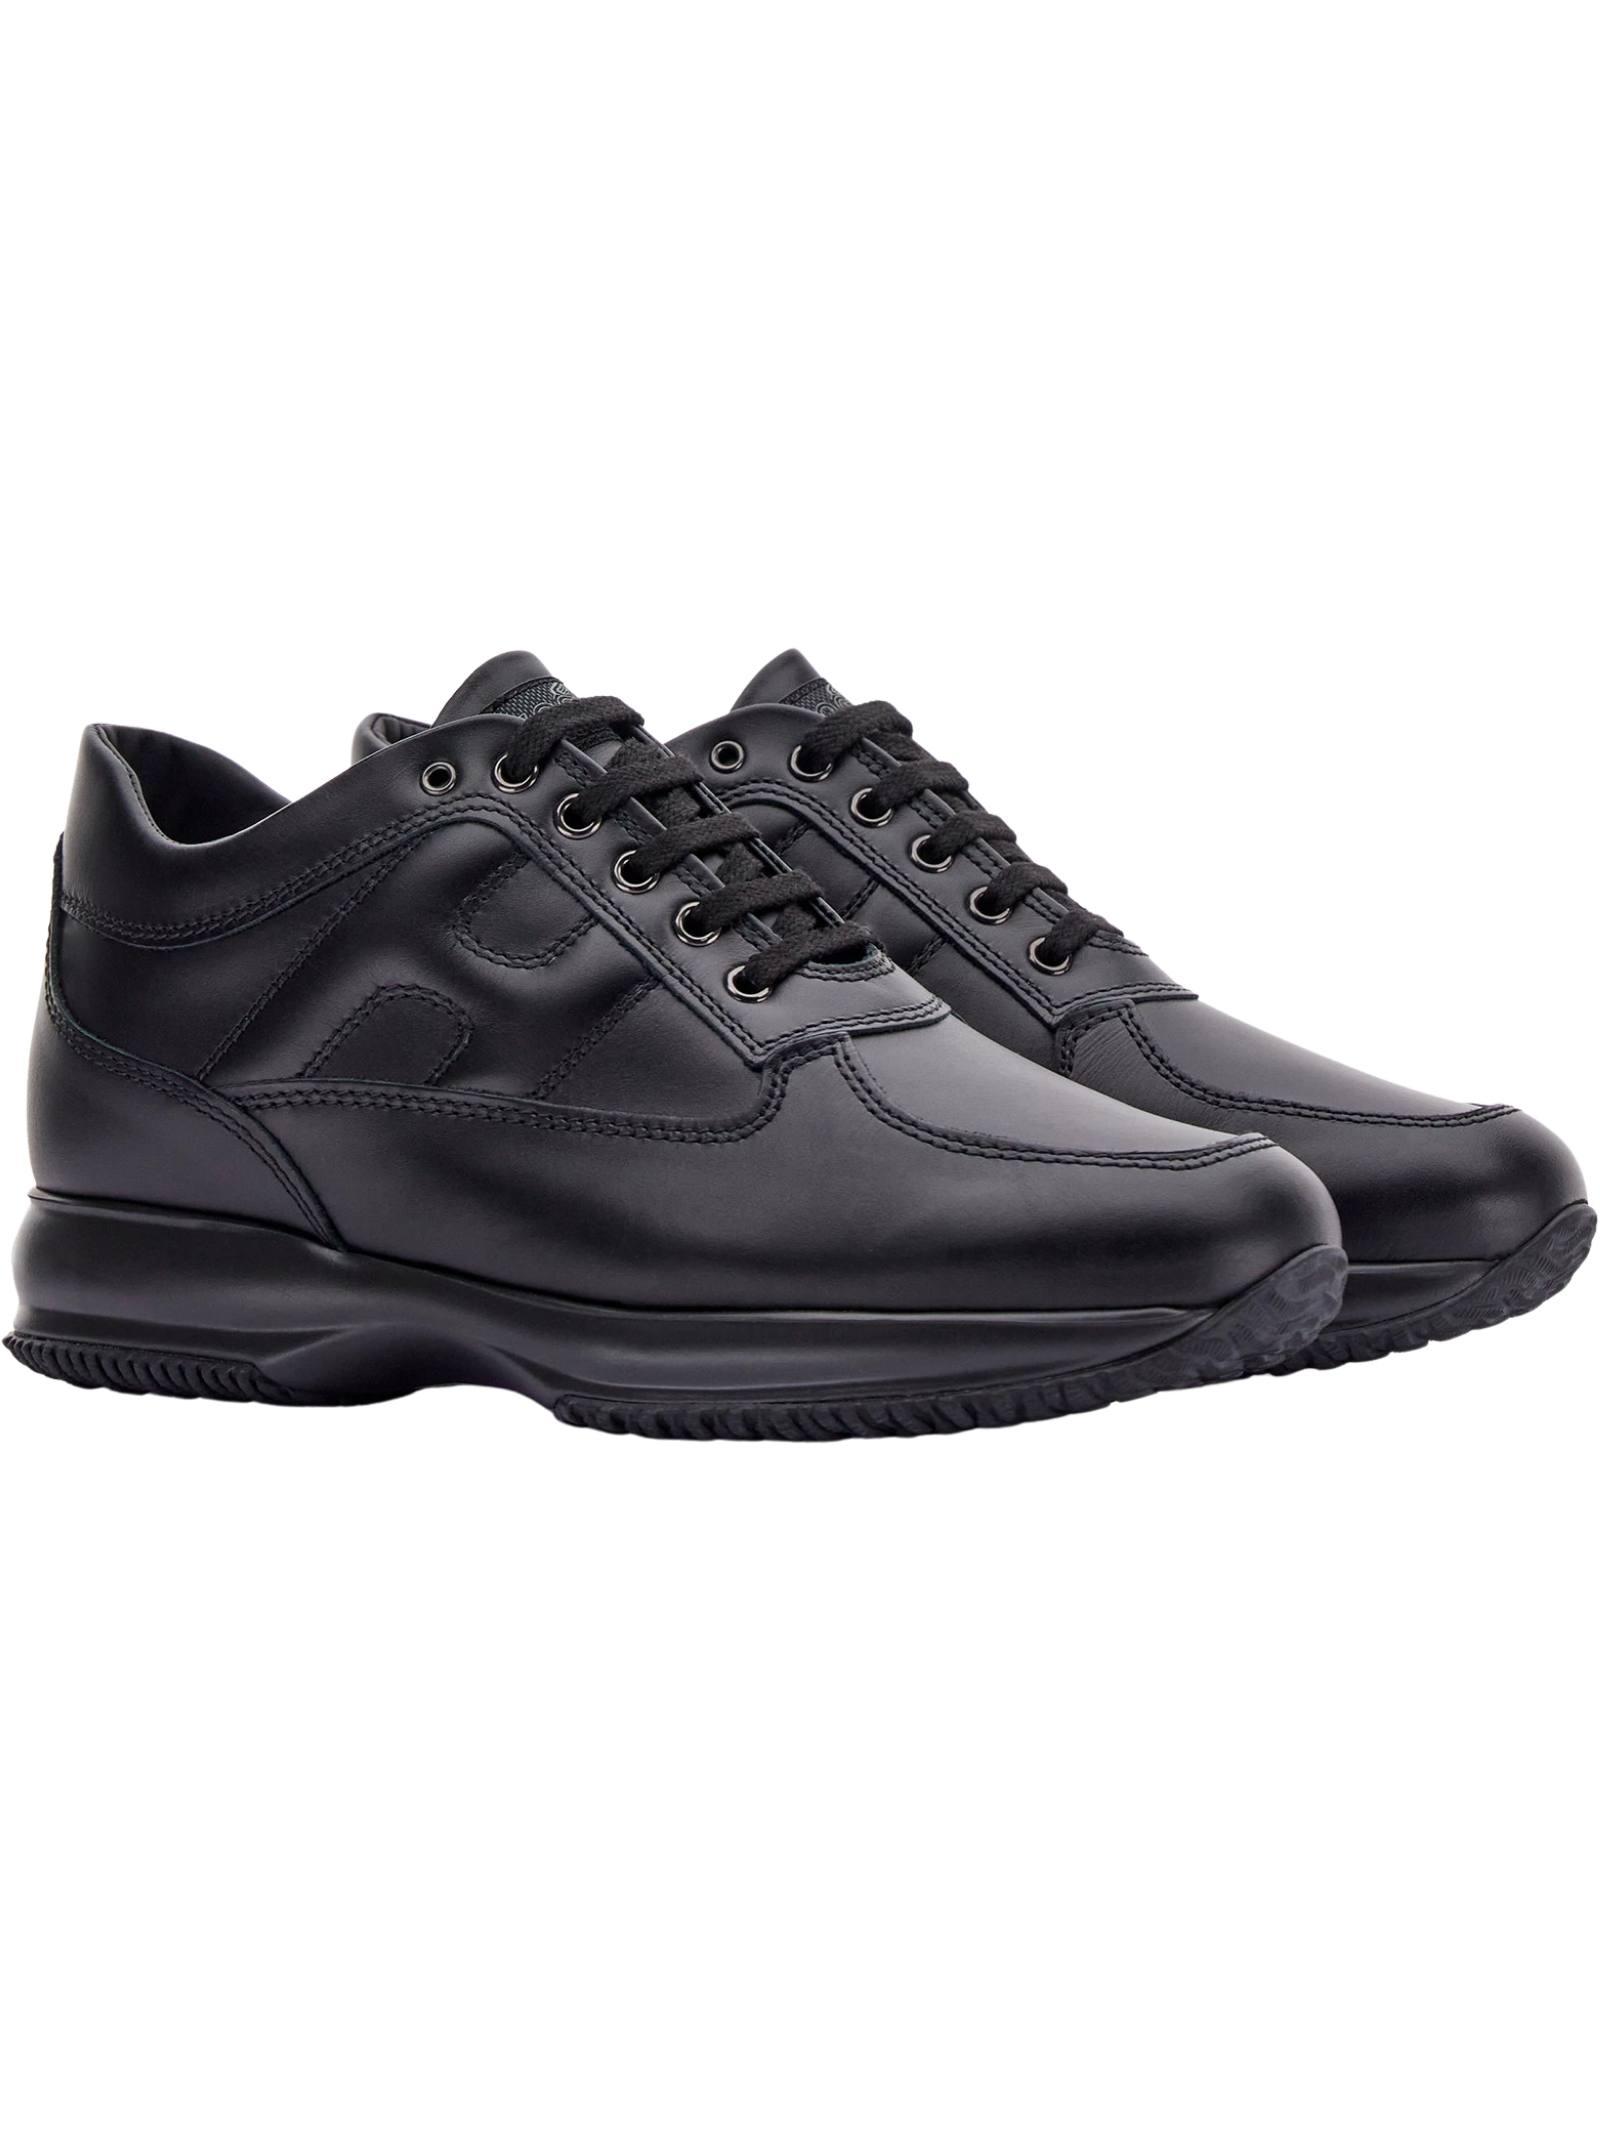 Sneakers Interactive Hogan in pelle HOGAN   Scarpe   HXM00N00010KLAB999